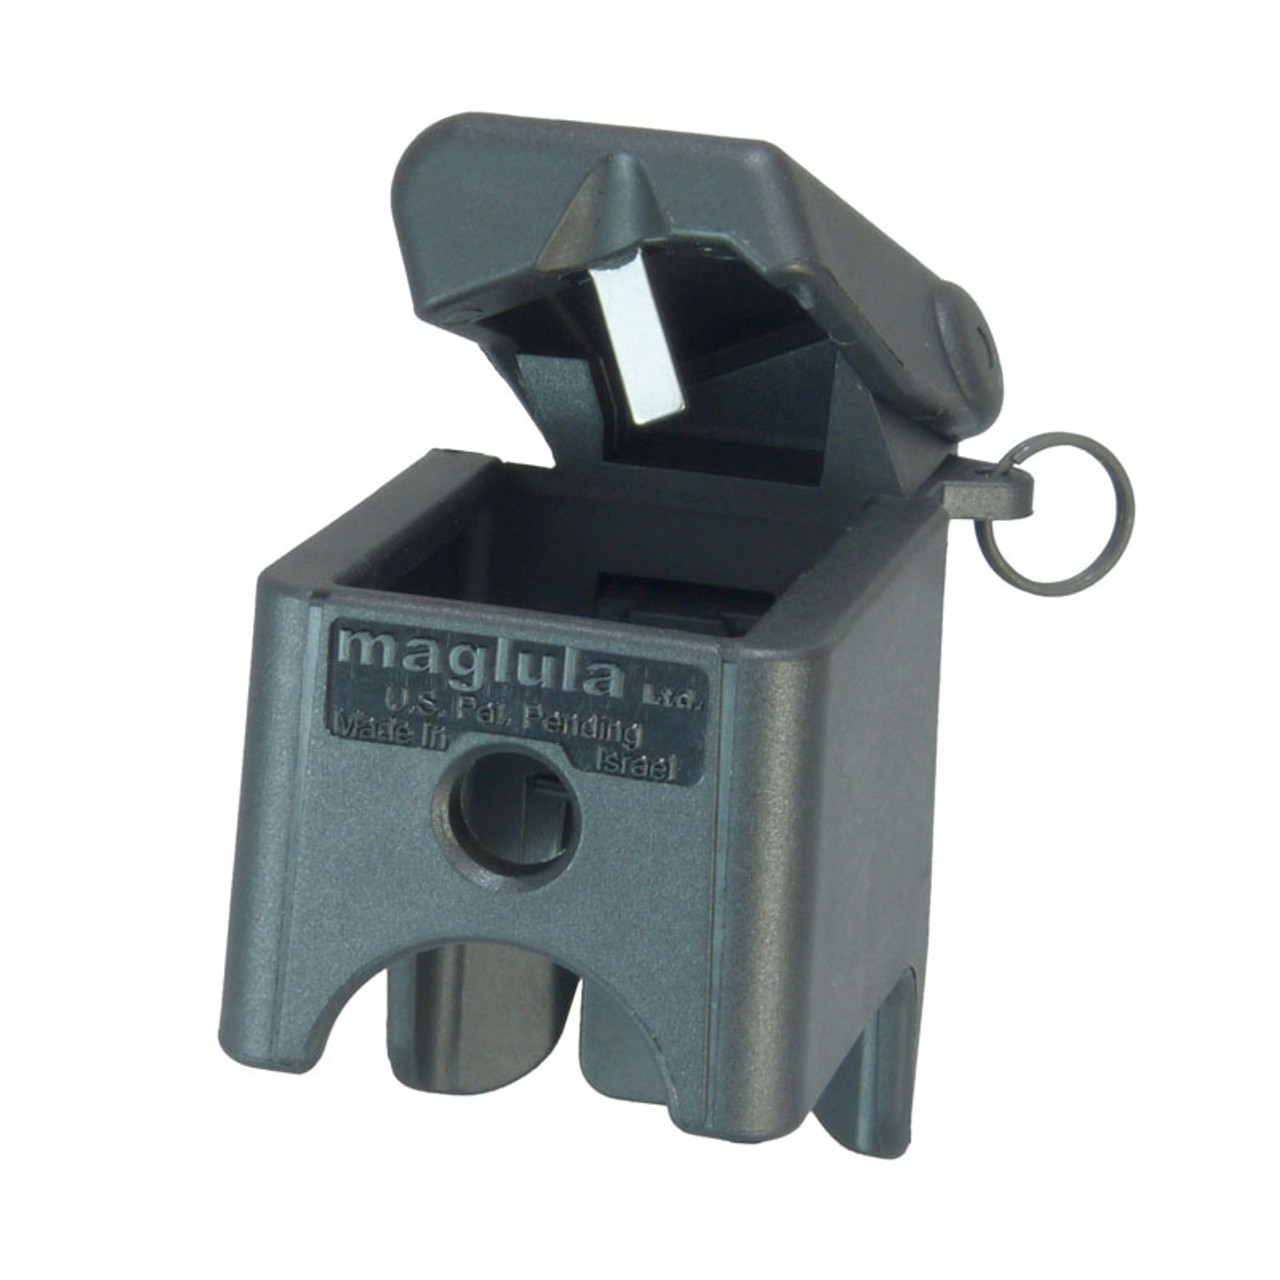 Maglula Ruger 10/22  22LR LULA loader & unloader set